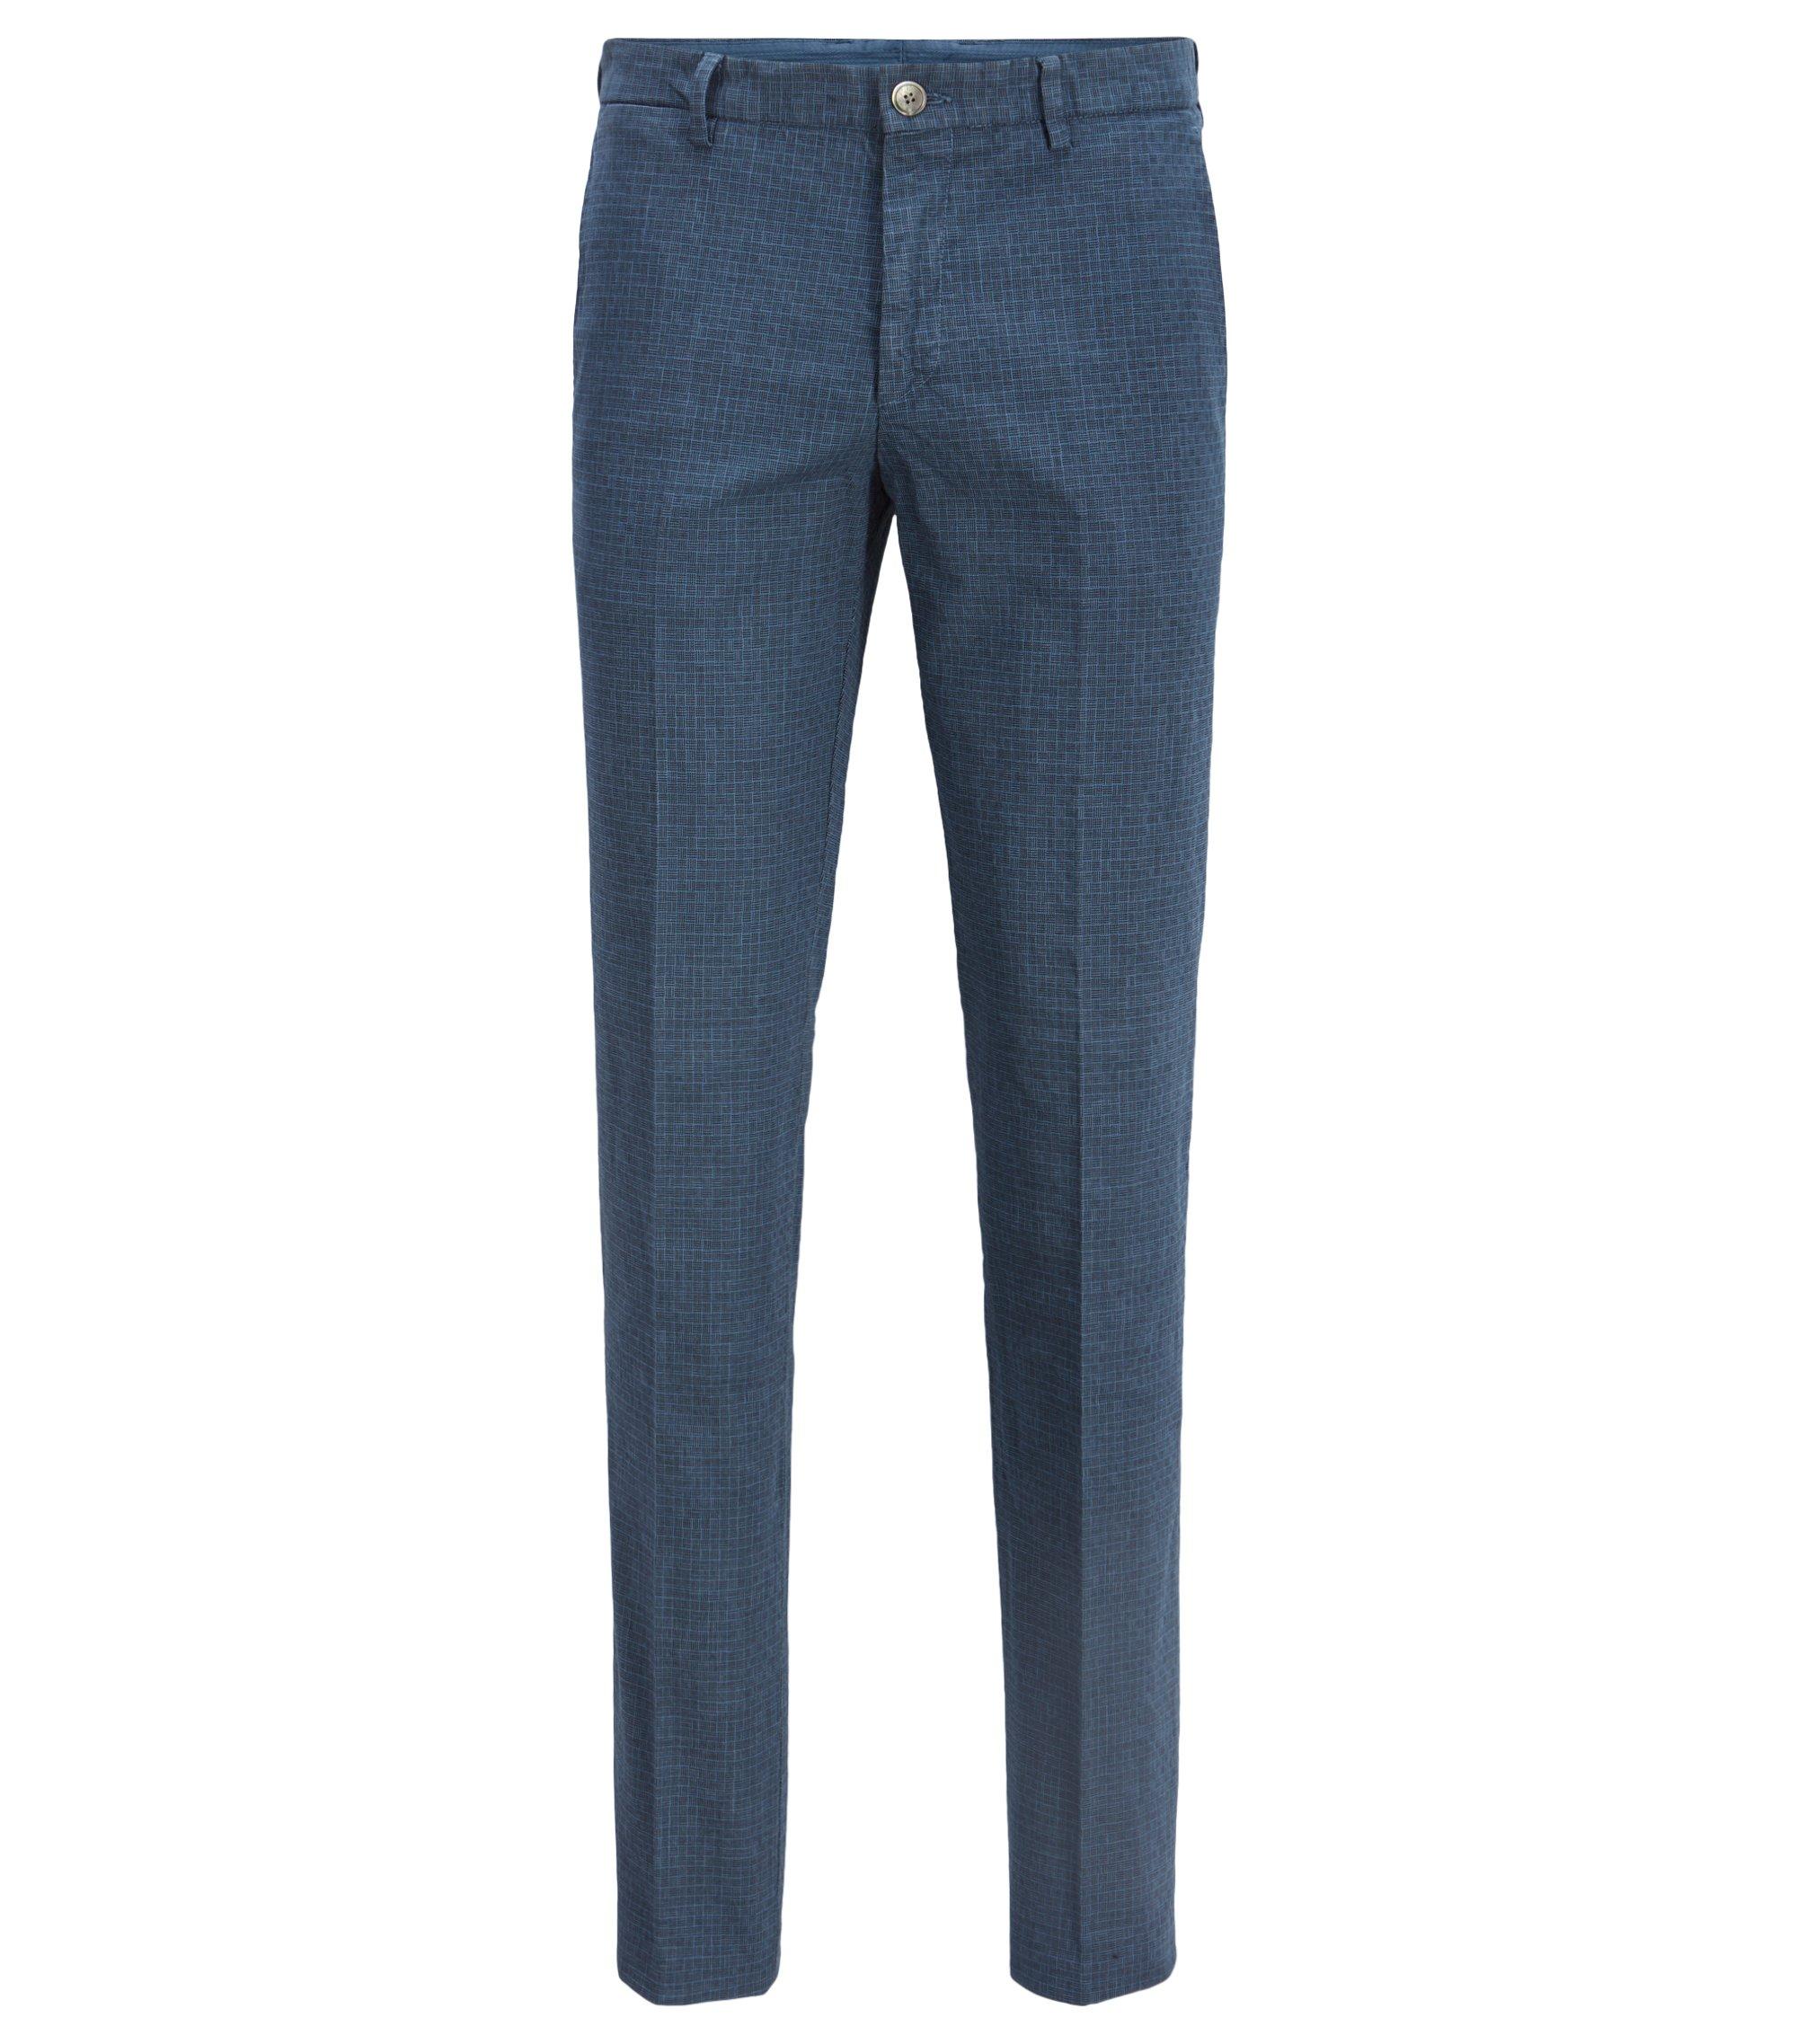 Slim-fit broek van stretchkatoen, met zwaluwstaart op de tailleband, Lichtblauw